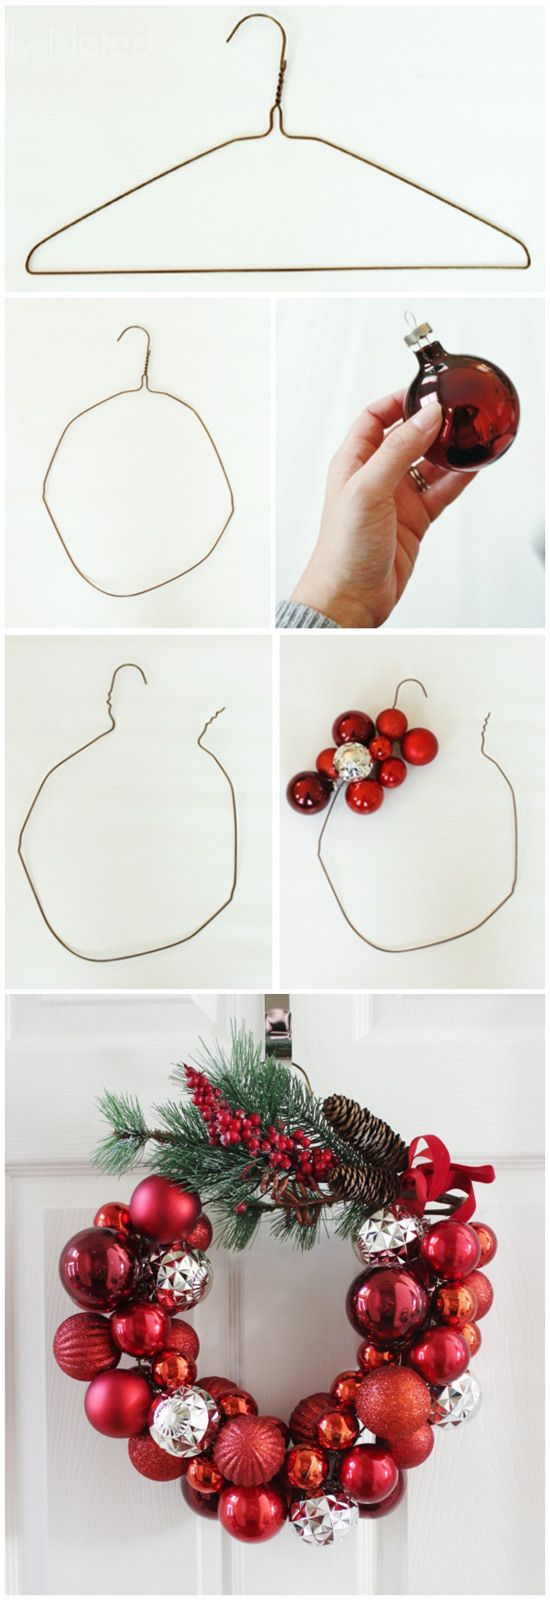 Idee Creative Per Natale idee creative per natale (con immagini) | decorazioni